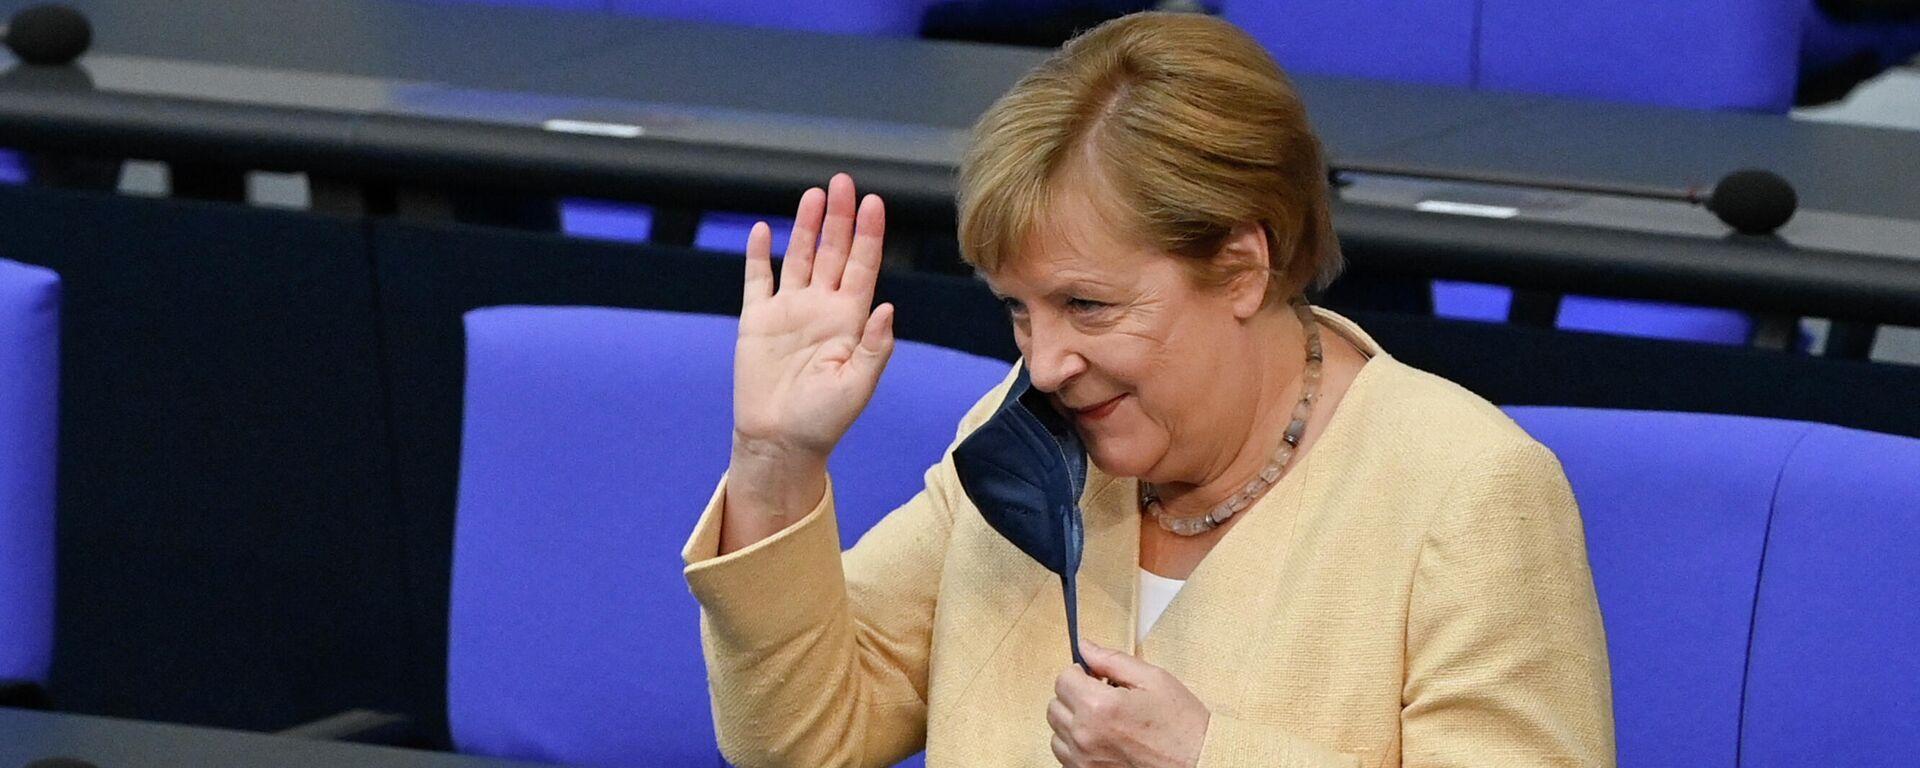 Bundeskanzlerin Angela Merkel winkt und nimmt ihre Gesichtsmaske ab, als sie am 7. September 2021 zu einer Sitzung im Bundestag in Berlin eintrifft.  - SNA, 1920, 07.09.2021